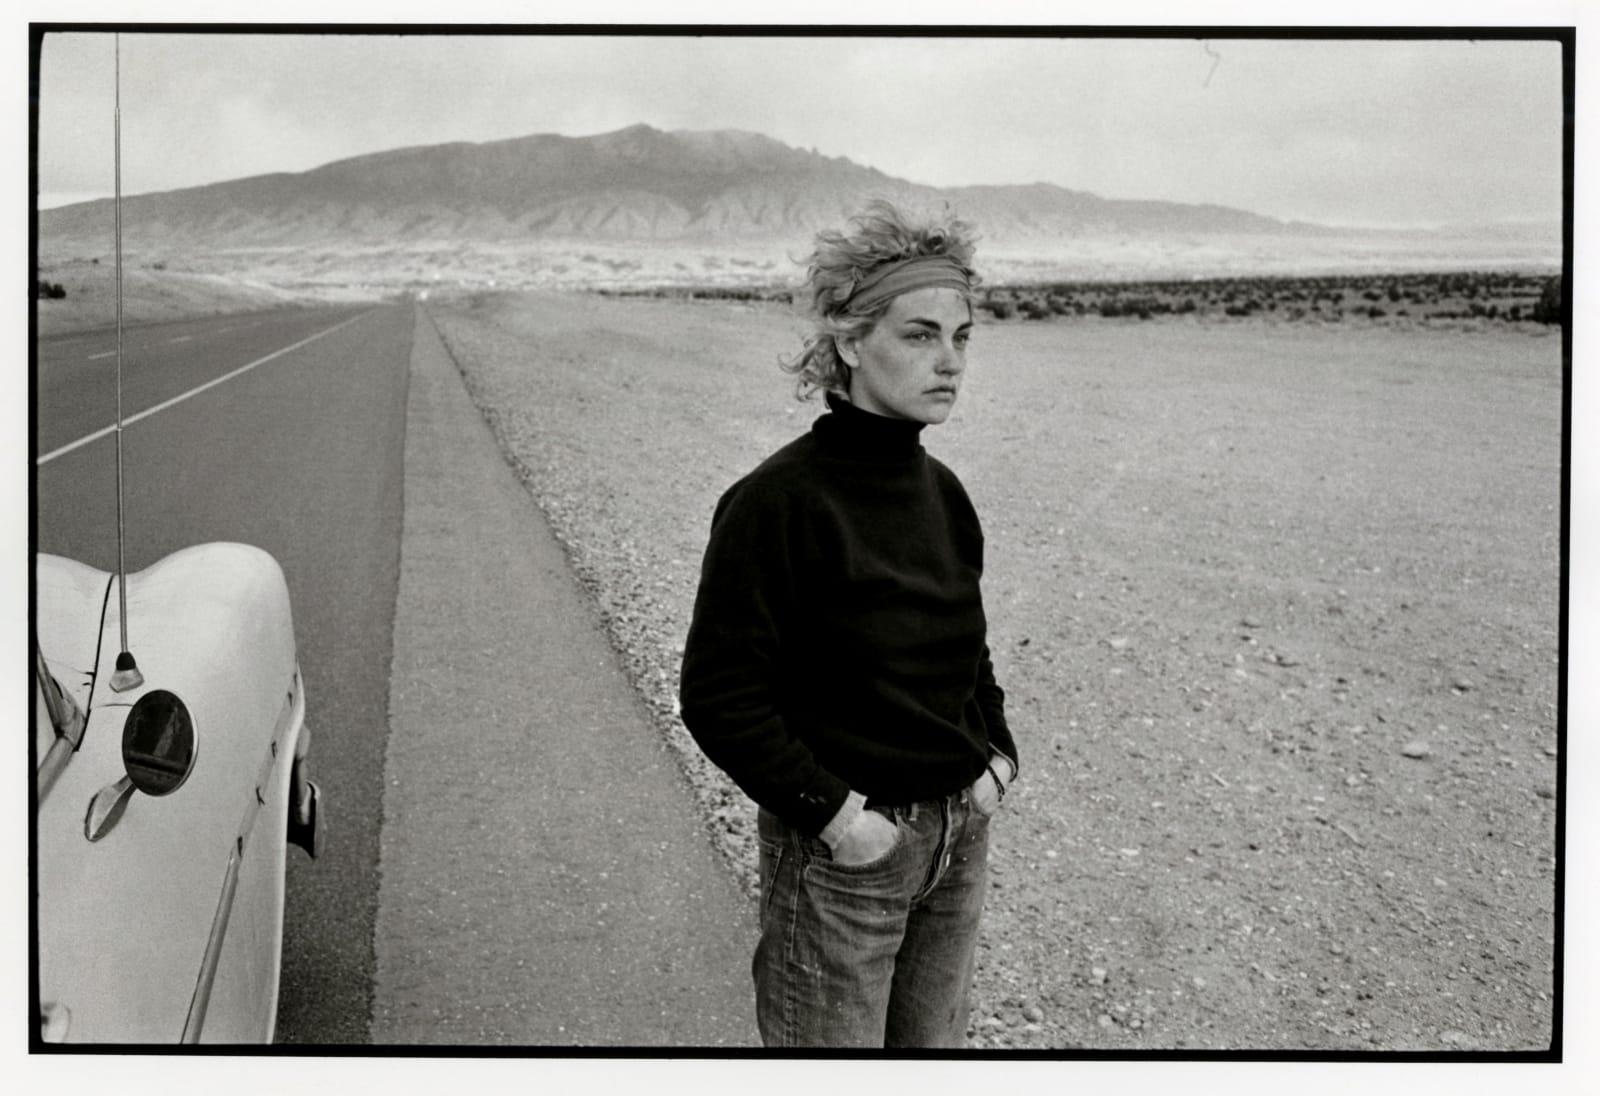 Danny Lyon - Stephanie, Sandoval County, New Mexico, 1970